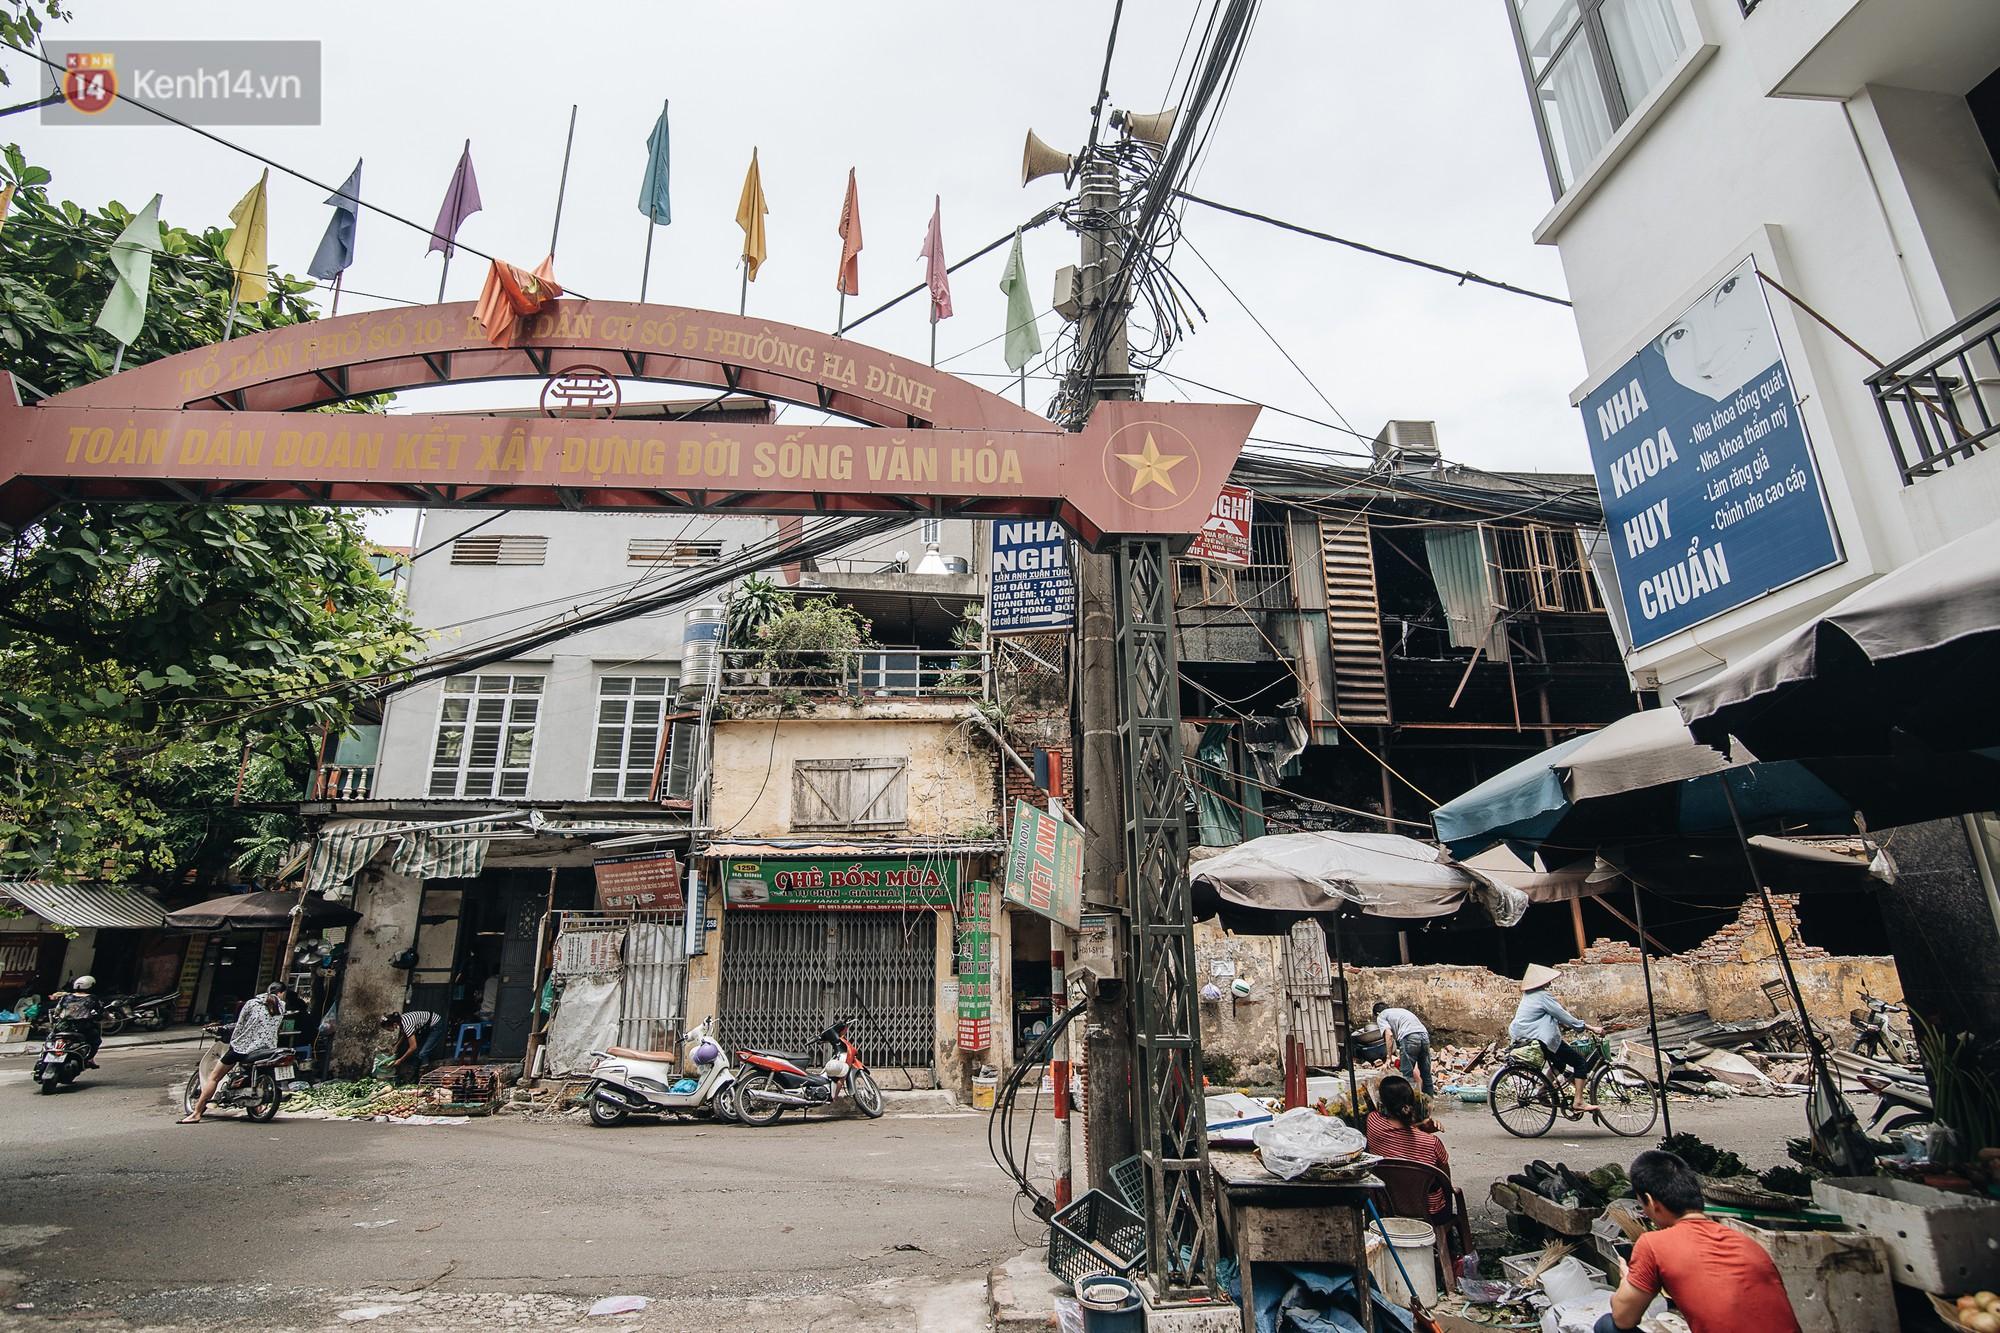 VZN News: Cuộc sống xung quanh nhà kho Rạng Đông sau vụ cháy: Người lớn cay mắt và khó thở, trẻ nhỏ được sơ tán - Ảnh 8.